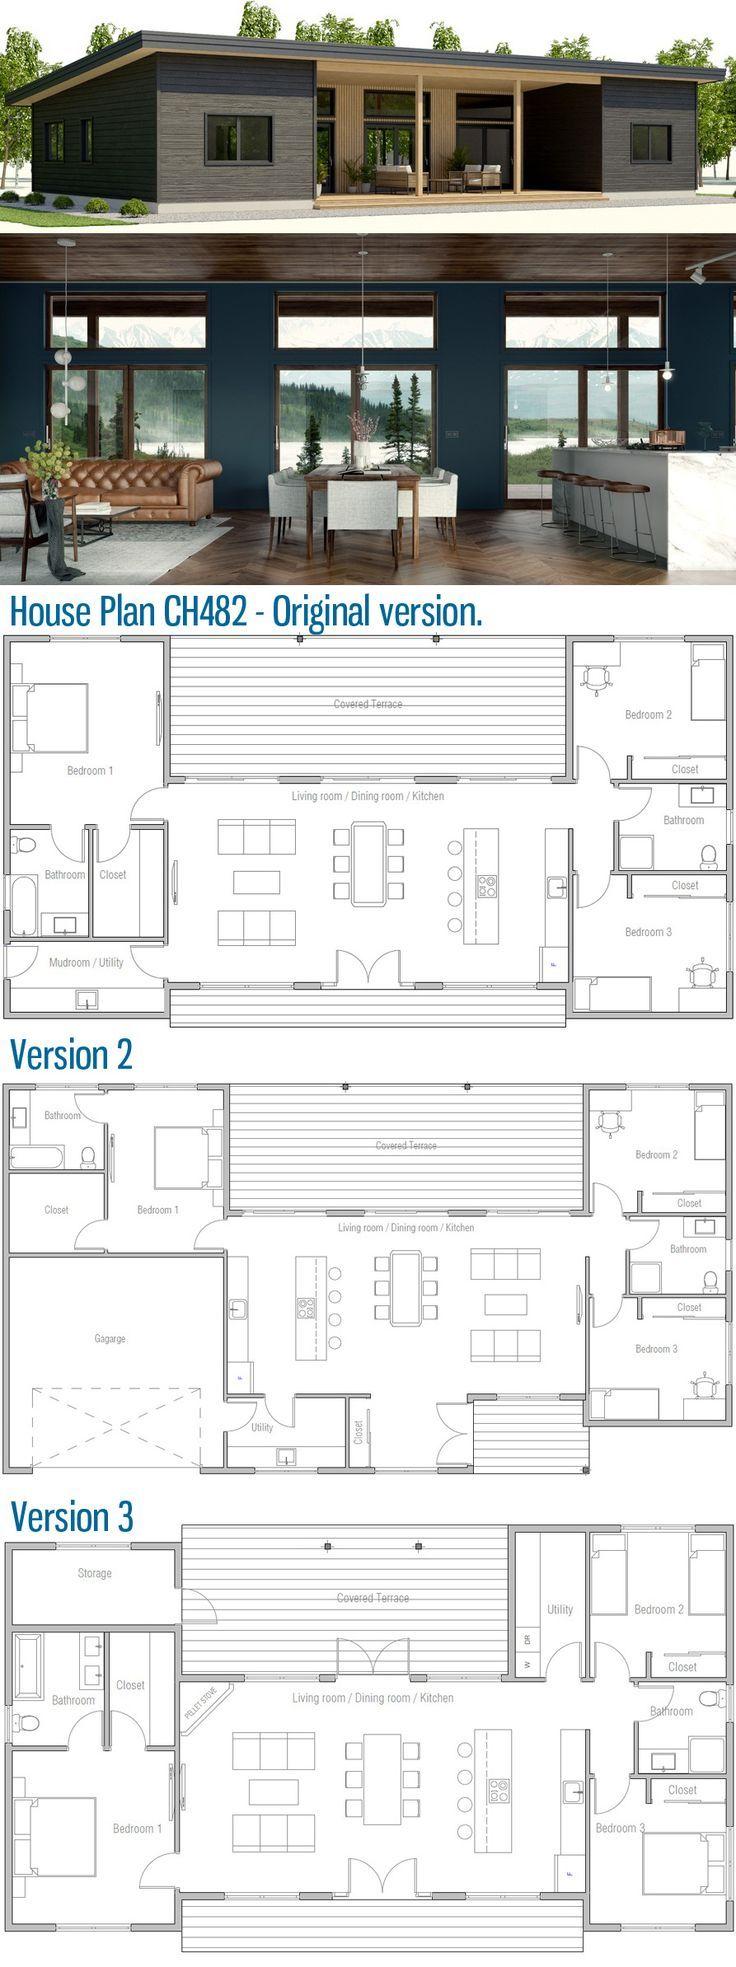 Küchenplan grundriss kleiner hausplan   version aber verwandle das  schlafzimmer in